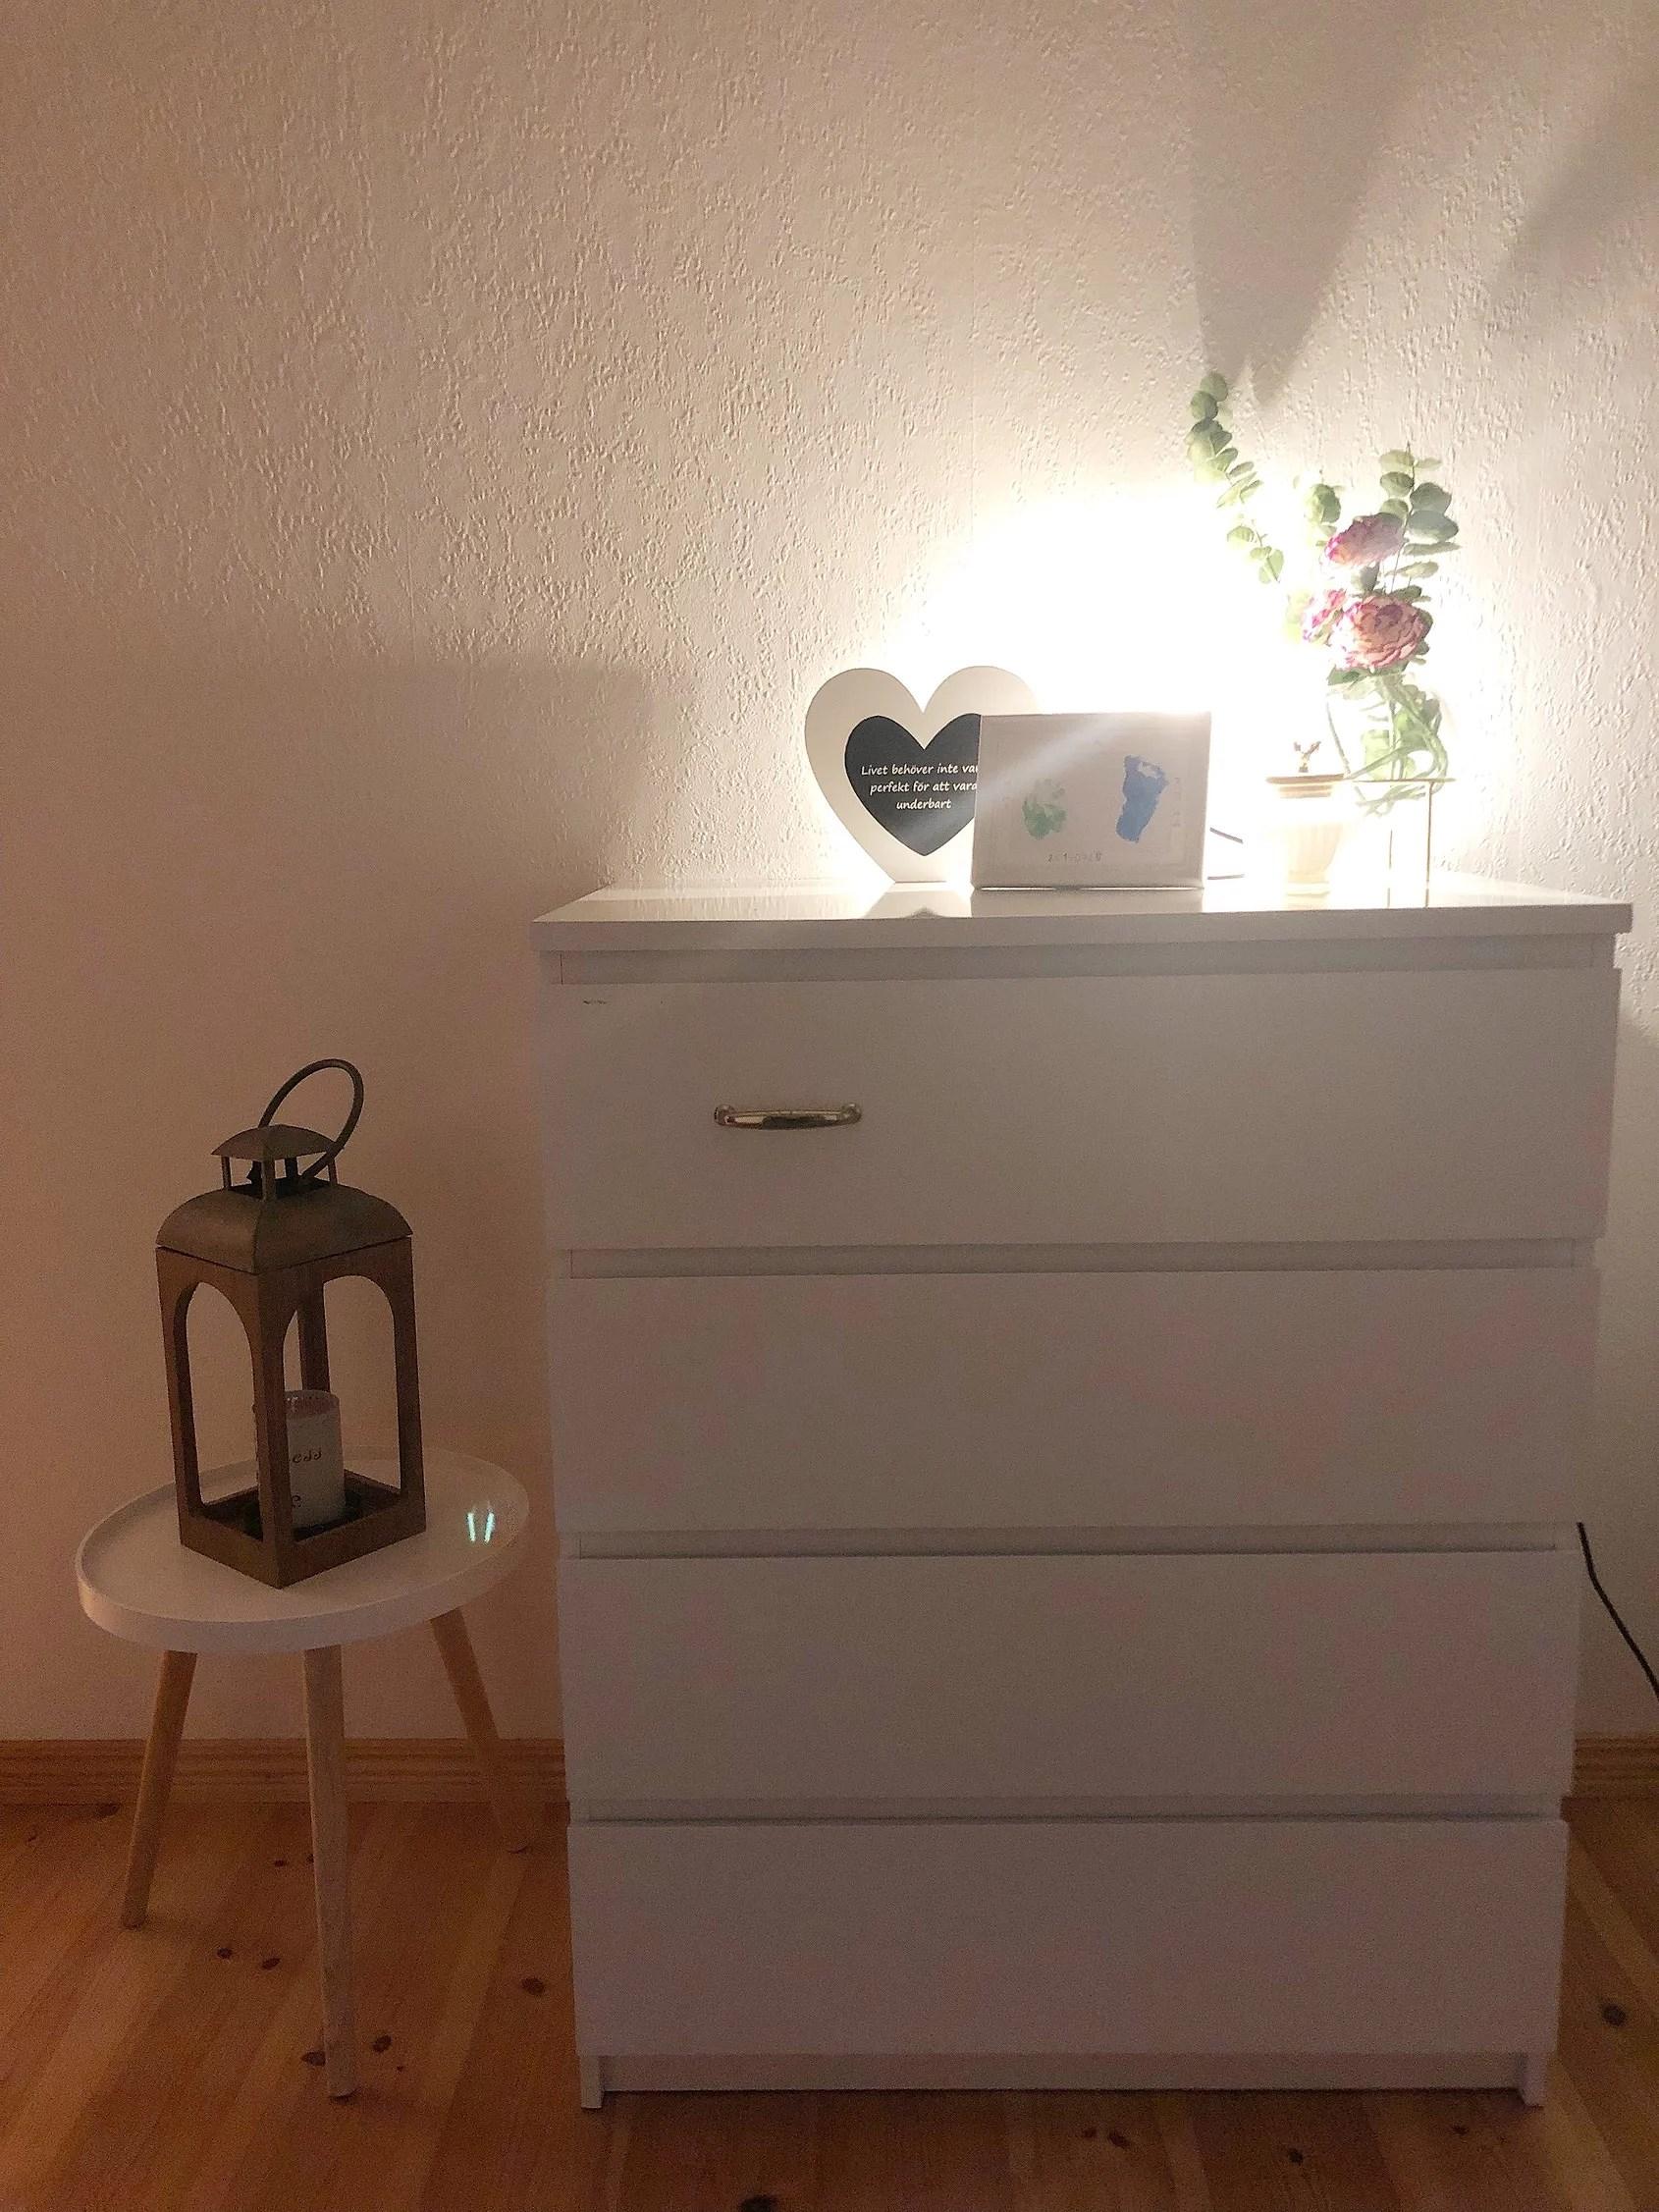 Gjort om i sovrummet!